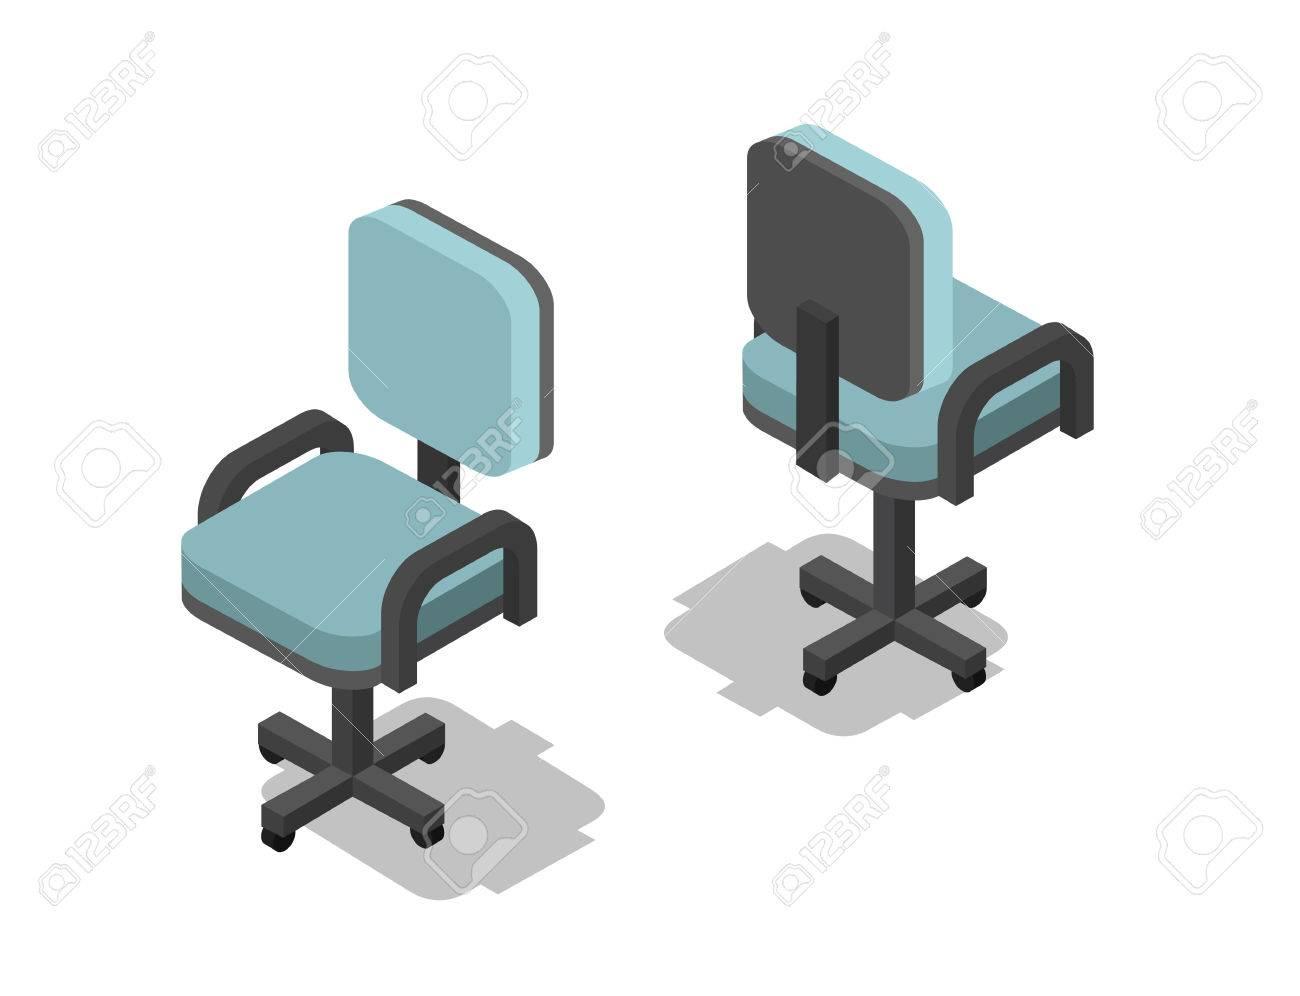 Vector ilustración isométrica de la silla de oficina, 3d icono de muebles  planos. Diseño de interiores, información gráfica y juegos.